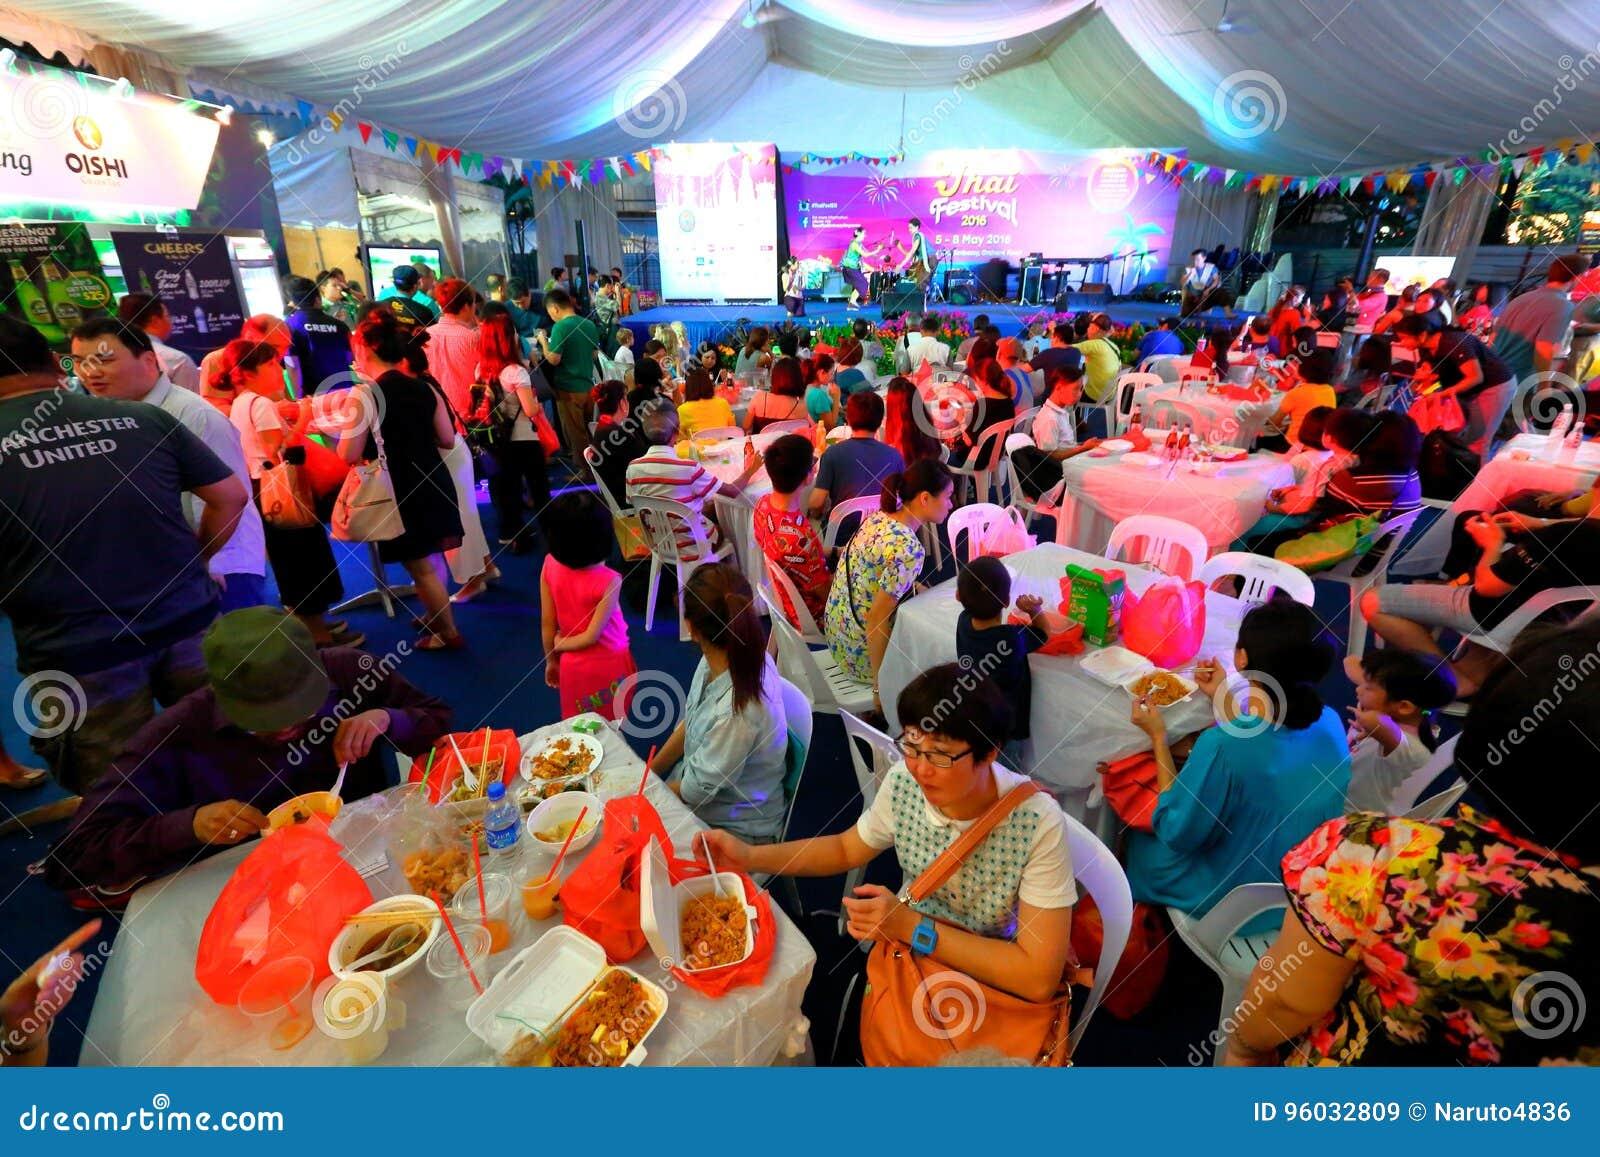 Singapur: Tajlandzki festiwal